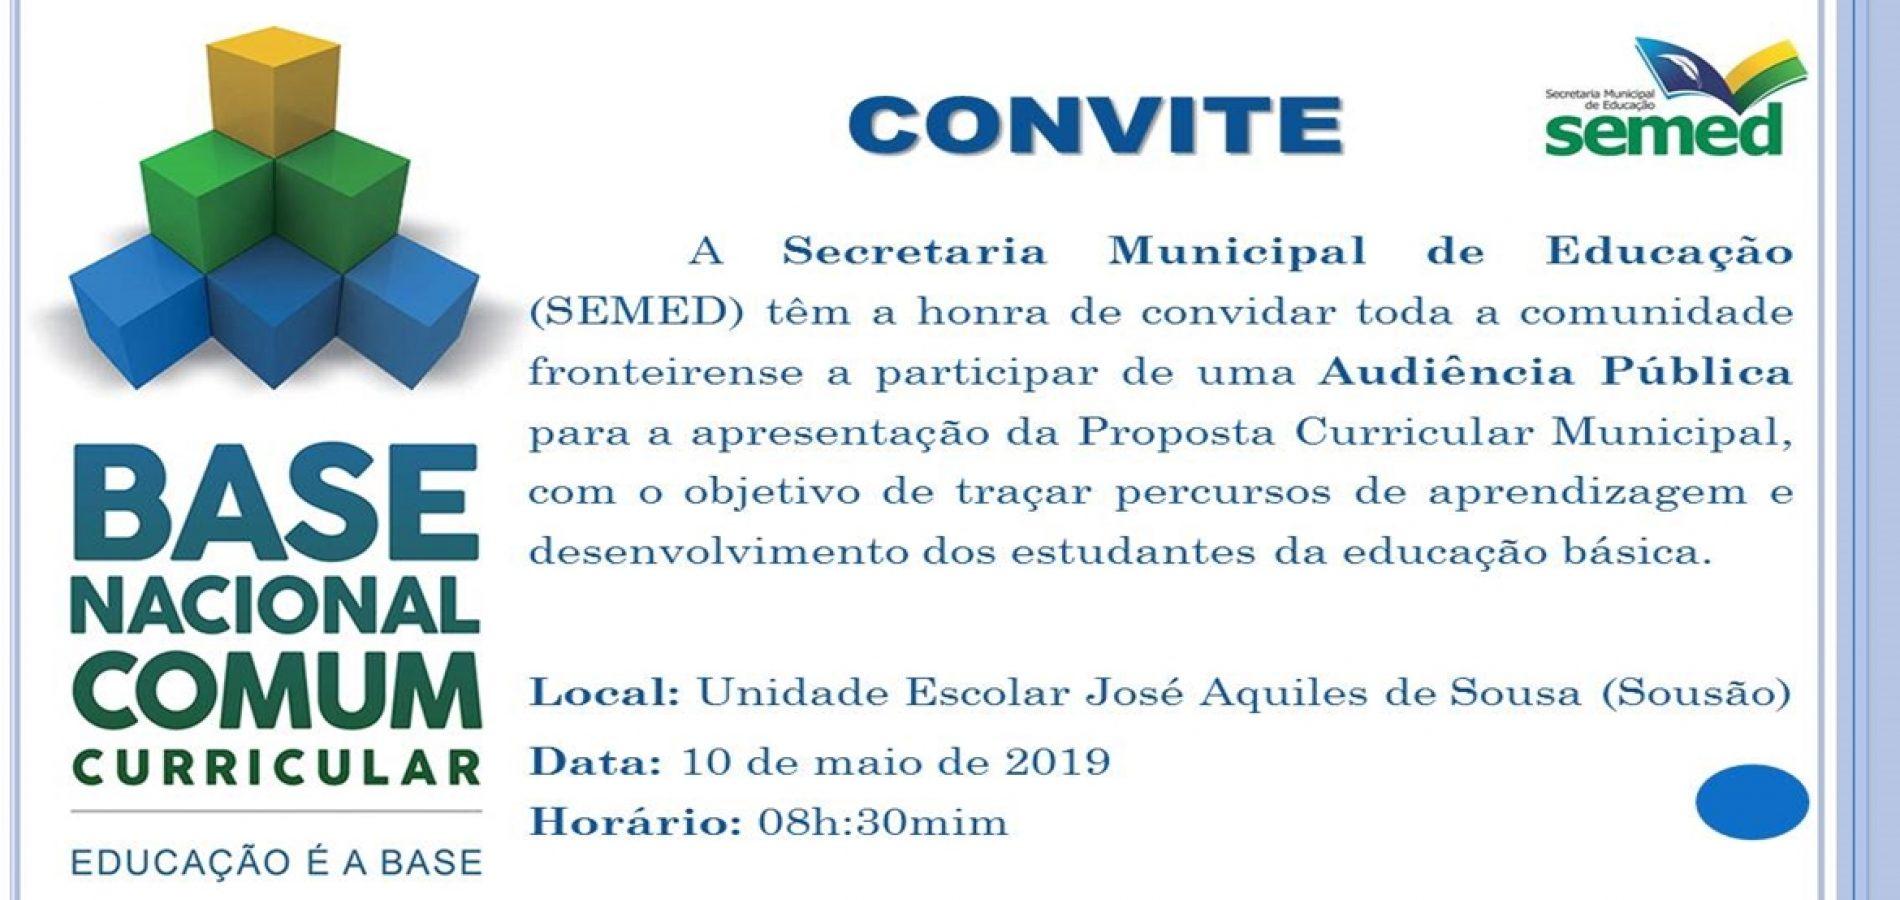 FRONTEIRAS│Secretaria Municipal de Educação promoverá Audiência Pública